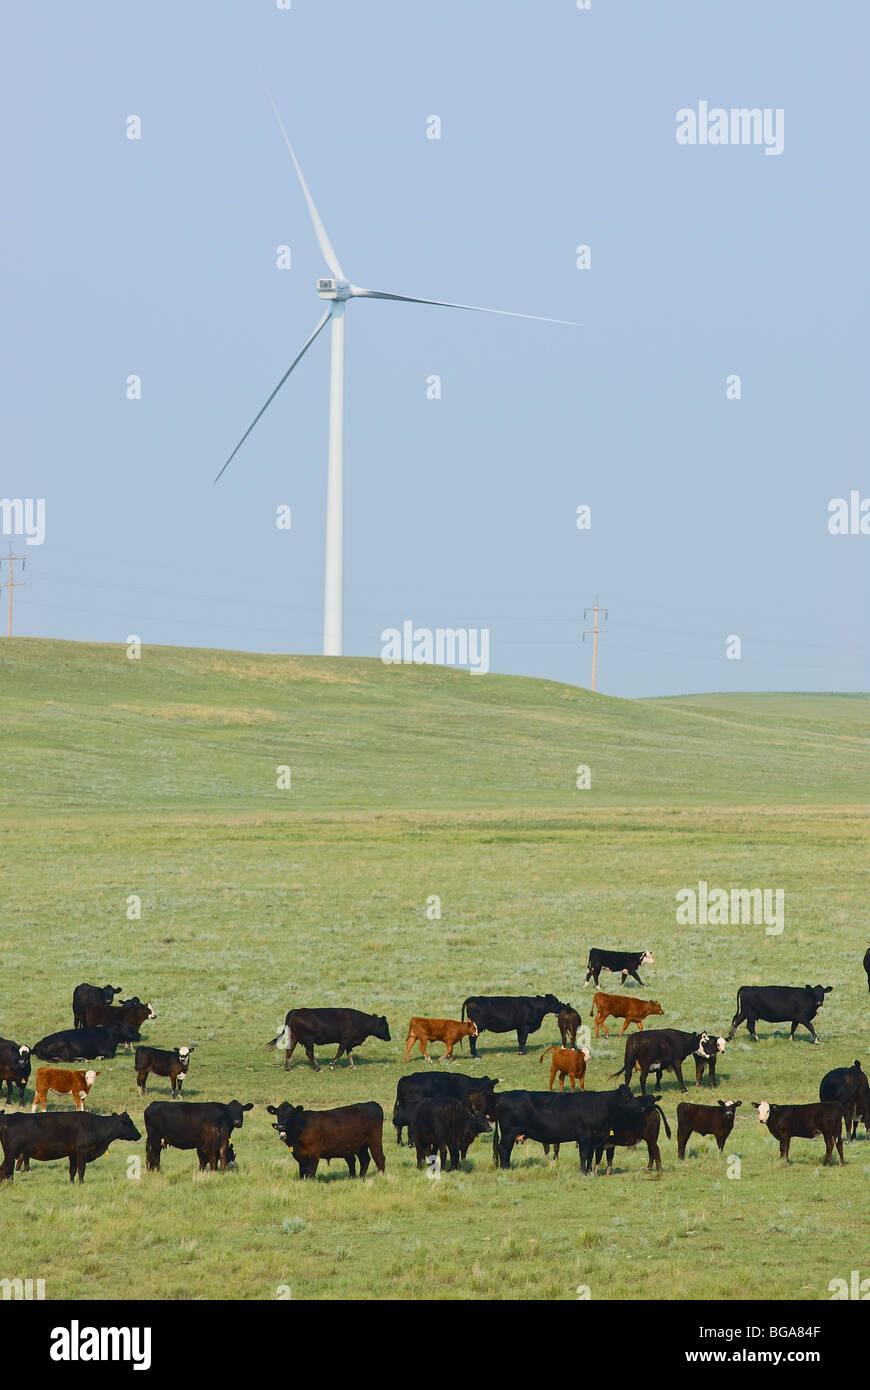 Utilización mixta de las tierras. Ganado en pastizales con las turbinas de energía eólica. Imagen De Stock